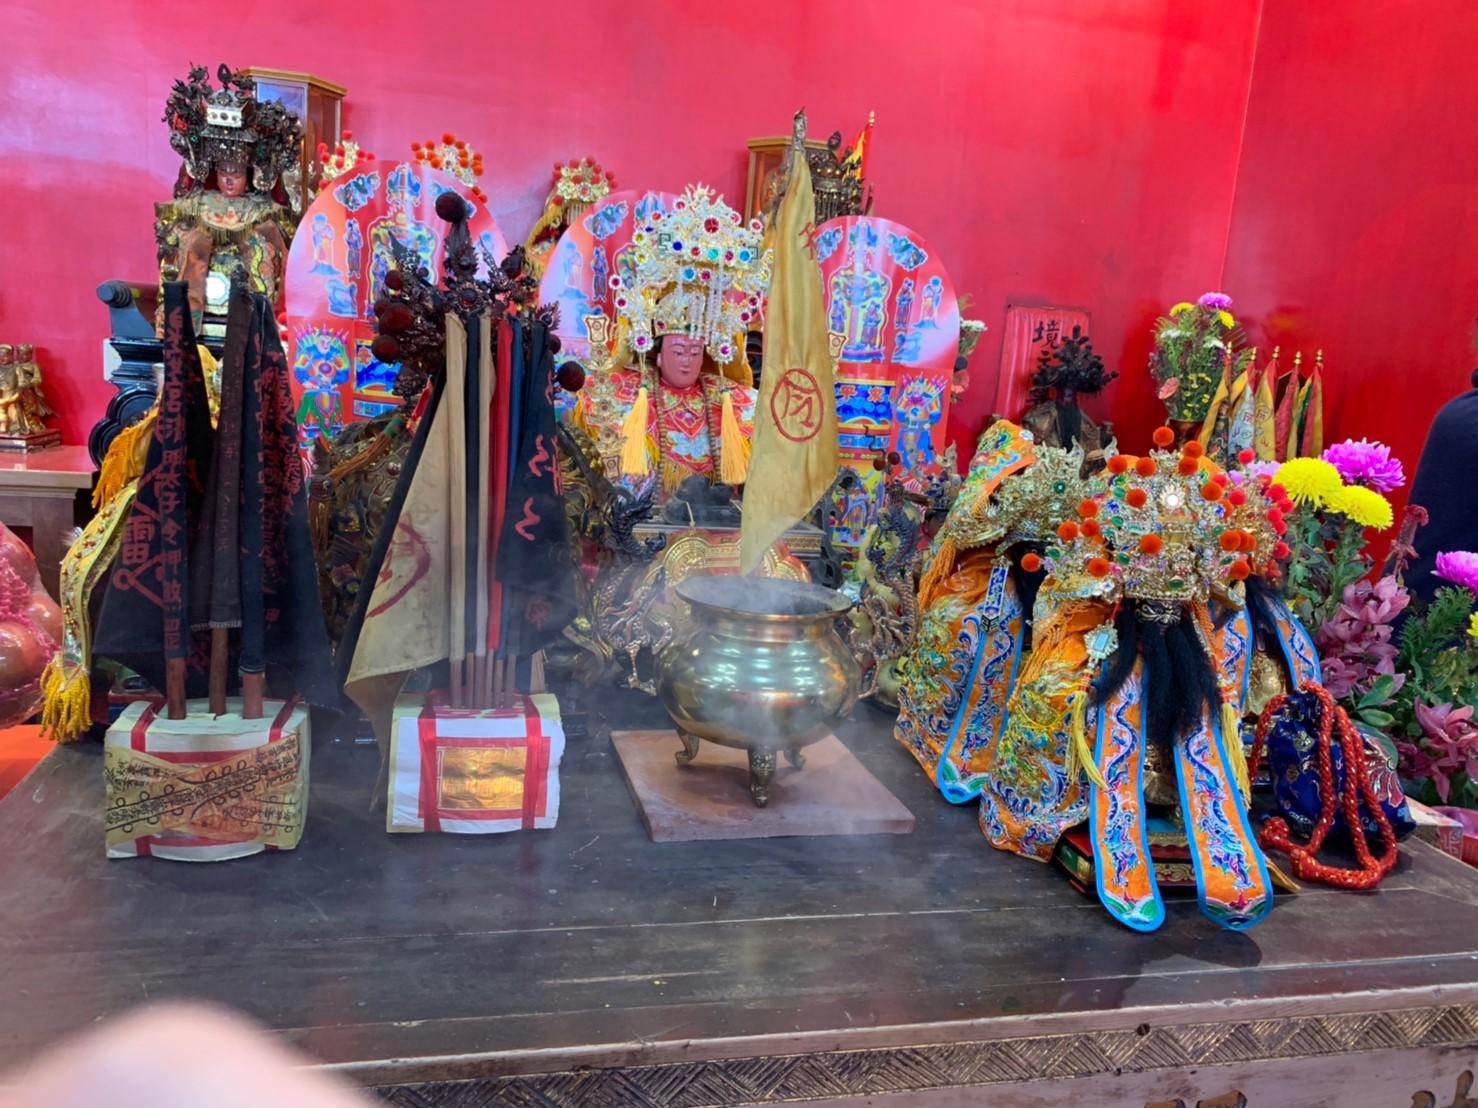 彰化今年首次無形文化資產審議 新增登錄「彰化新港十八庄送大爐」為彰化縣民俗